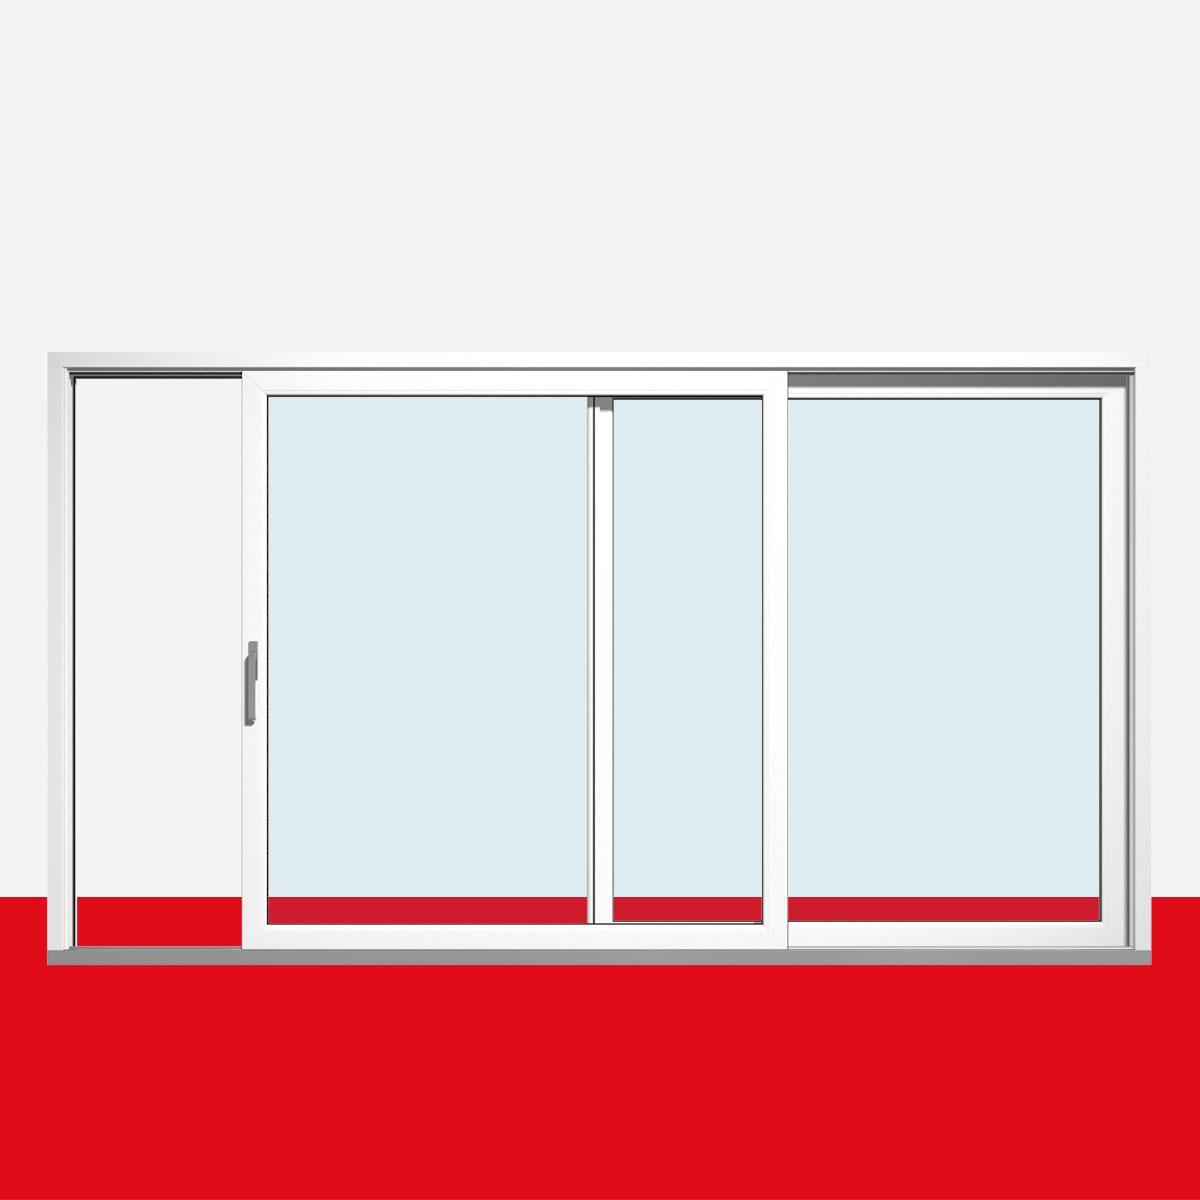 hebe schiebe t r nach rechts ffnend breite 4900mm terrassent ren hebe schiebe t ren kunststoff. Black Bedroom Furniture Sets. Home Design Ideas